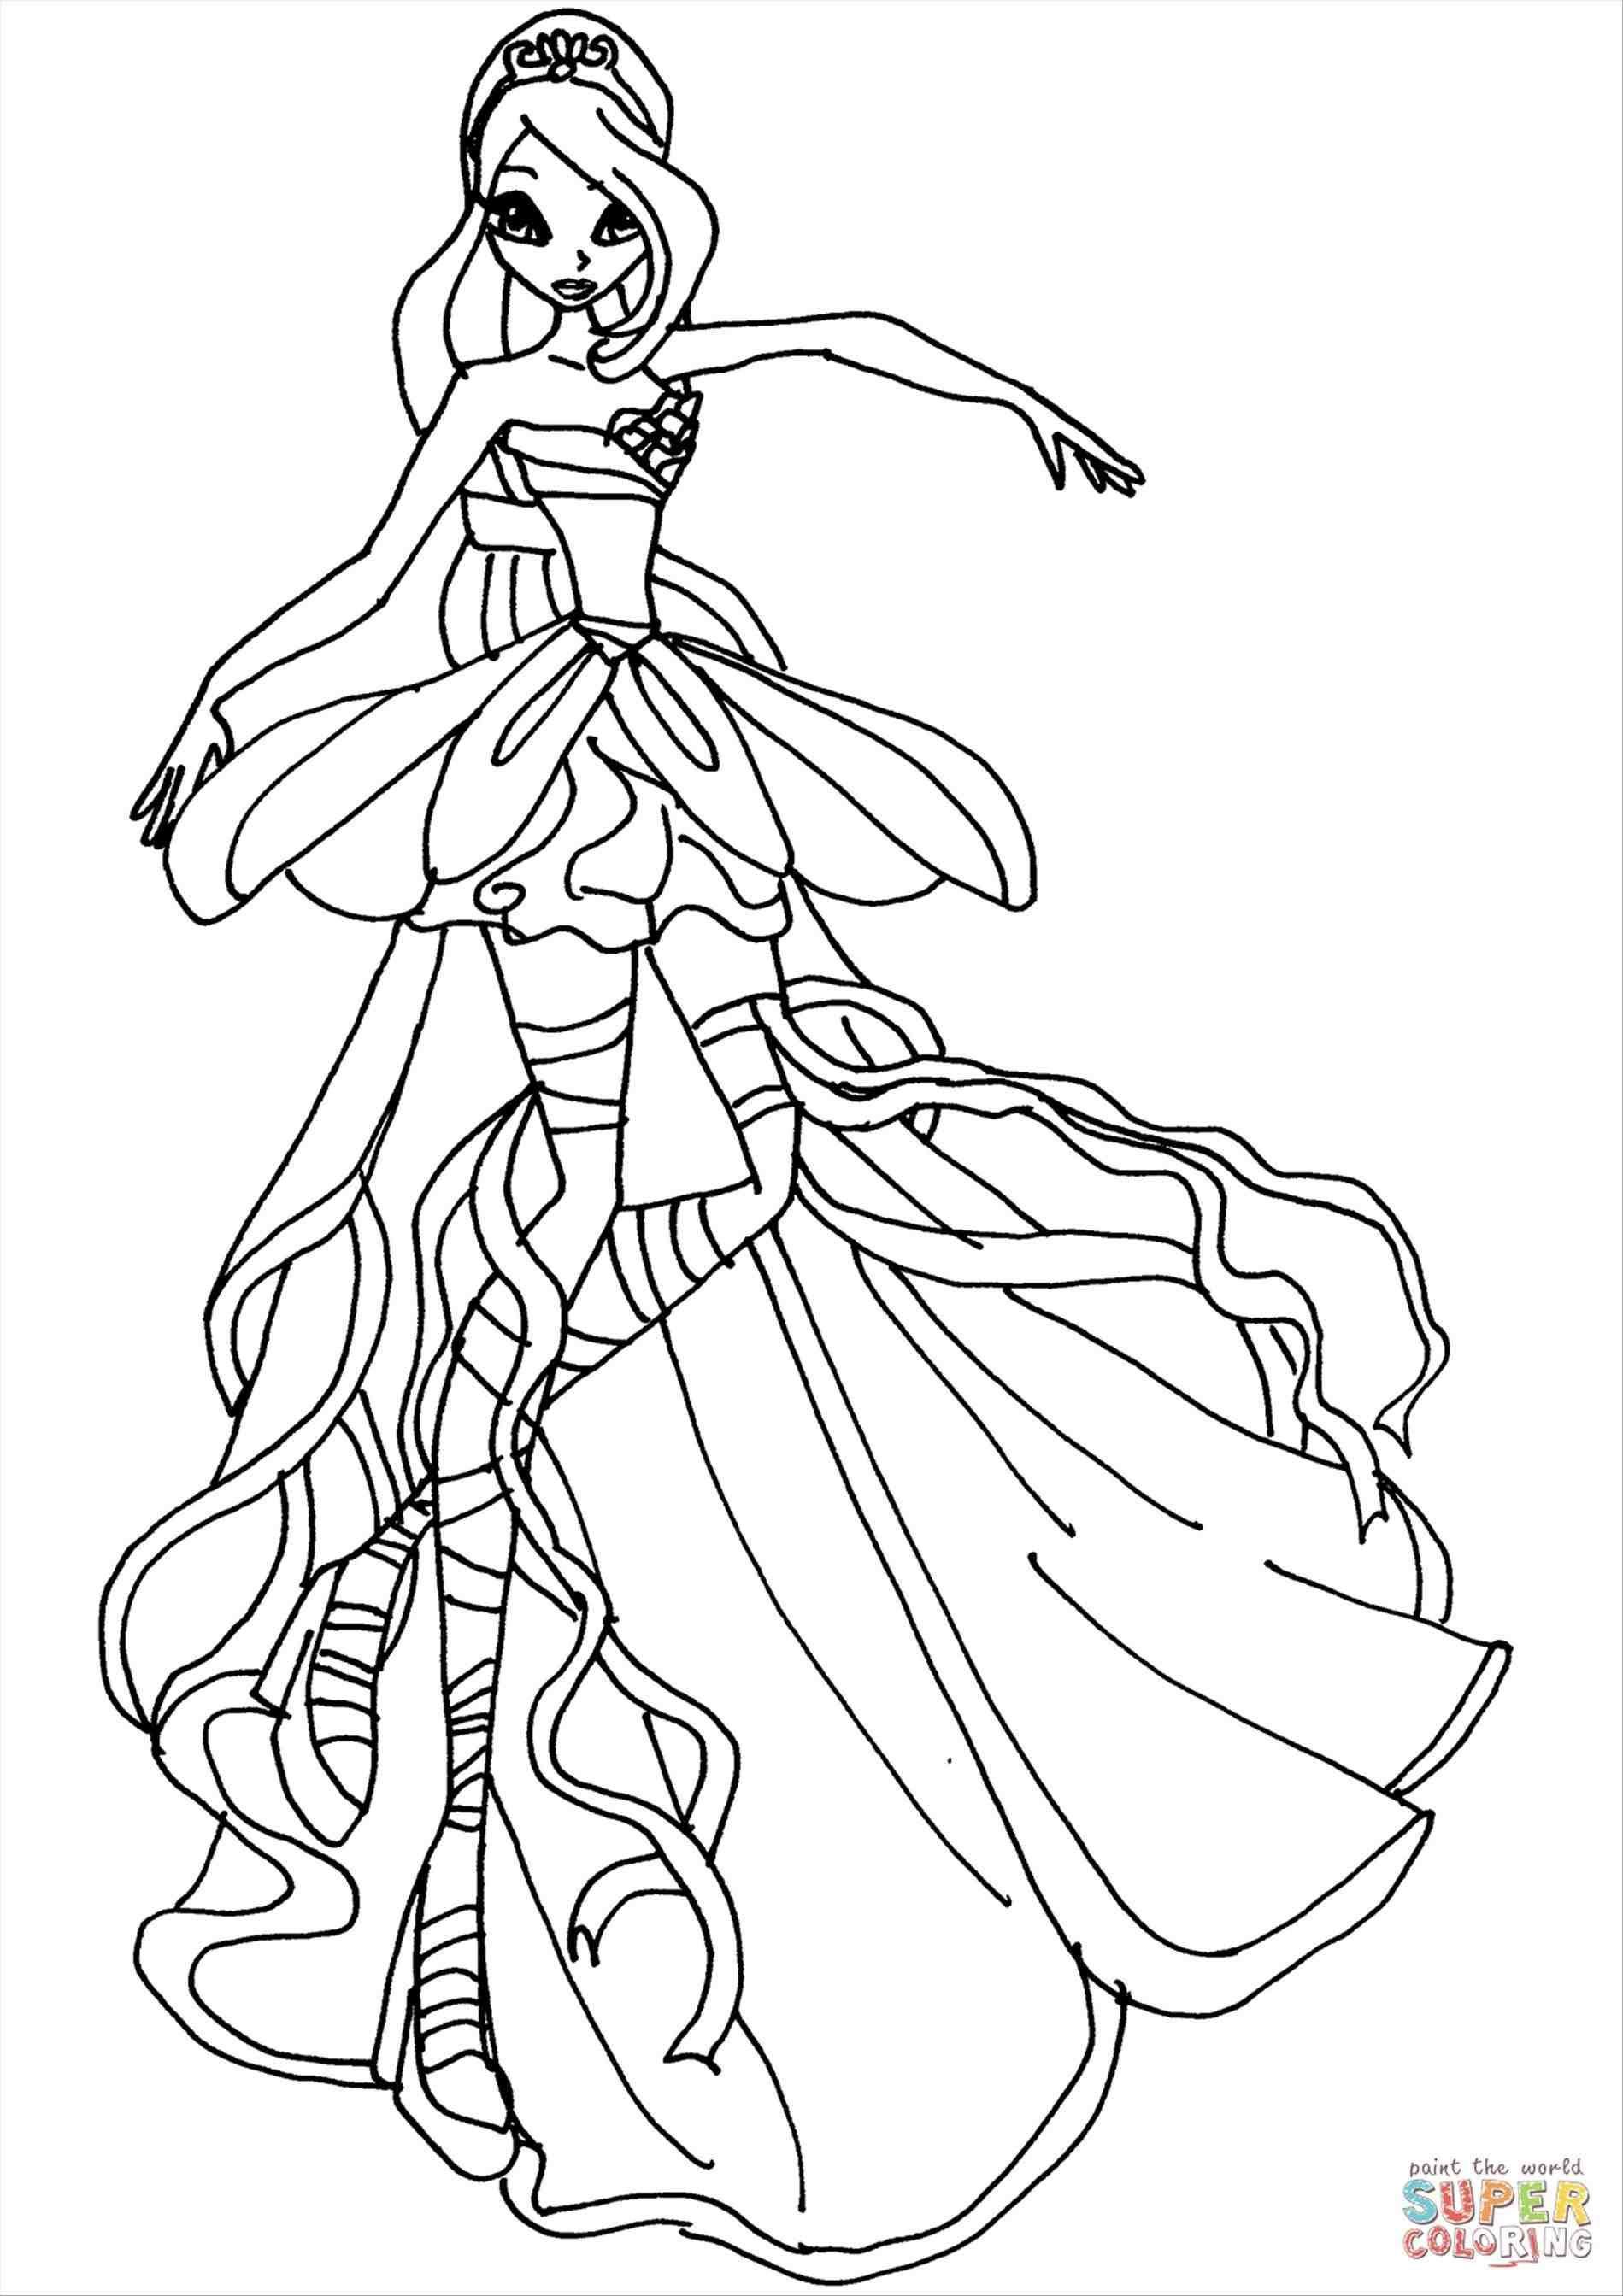 Tranh Tô Màu Công Chúa Phép Thuật Winx - Musa 9